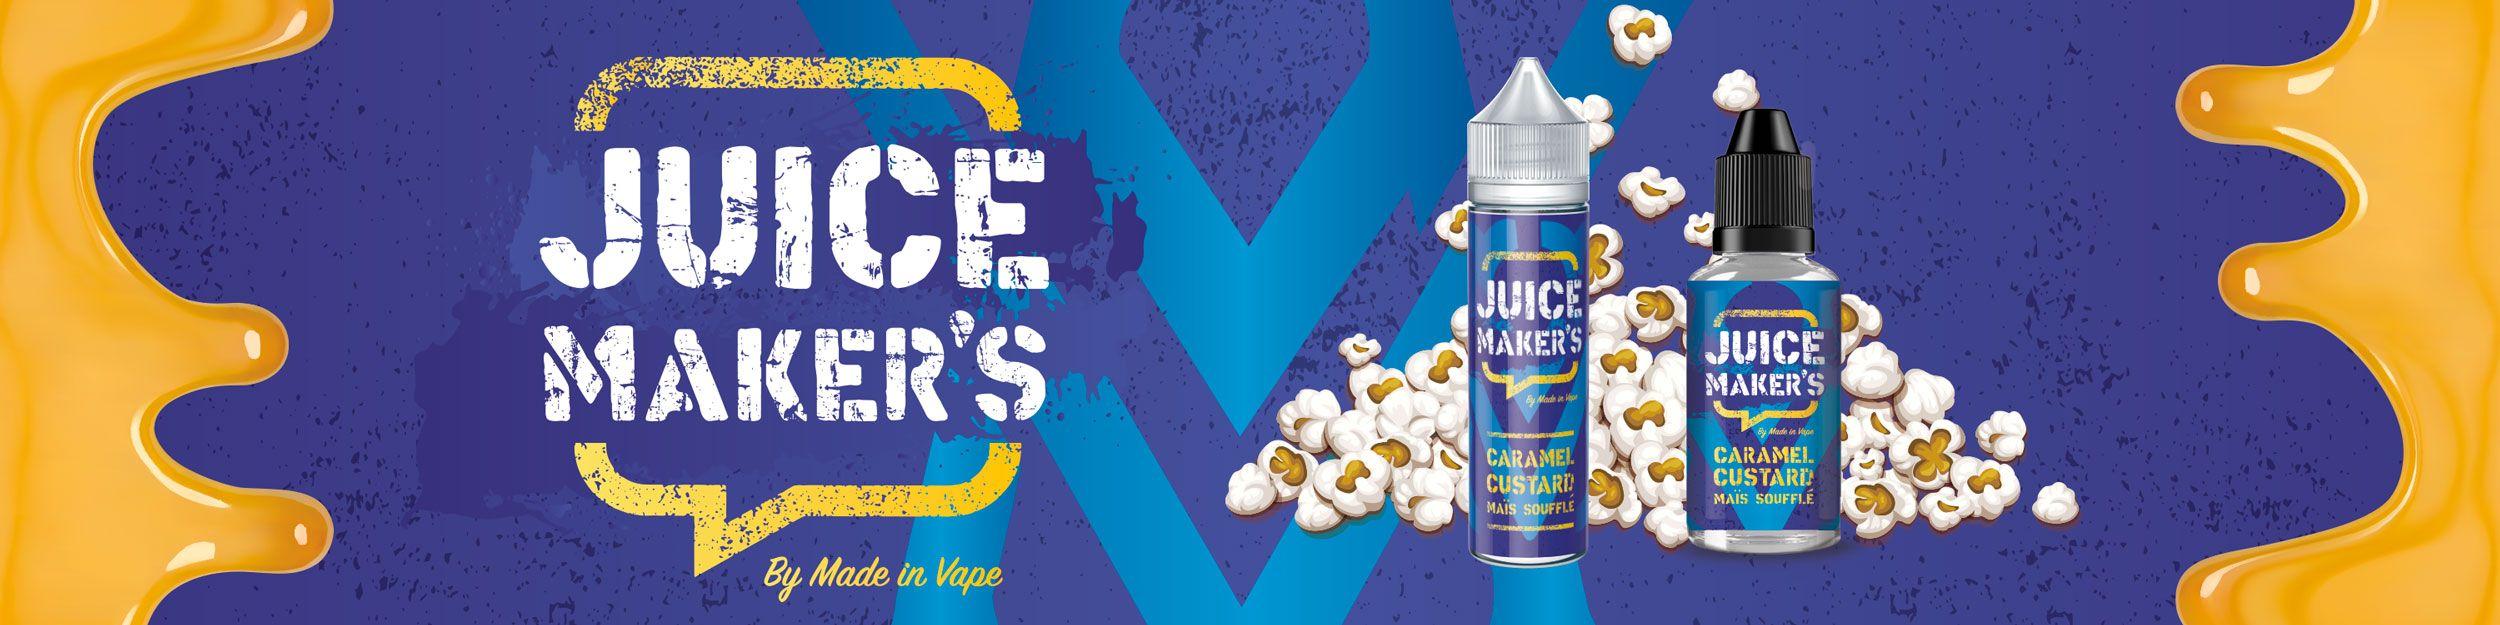 Juice maker's une marque inspirée Par de vrais juices maker's passionnés ,avec comme objectif de surprendre le marché français !